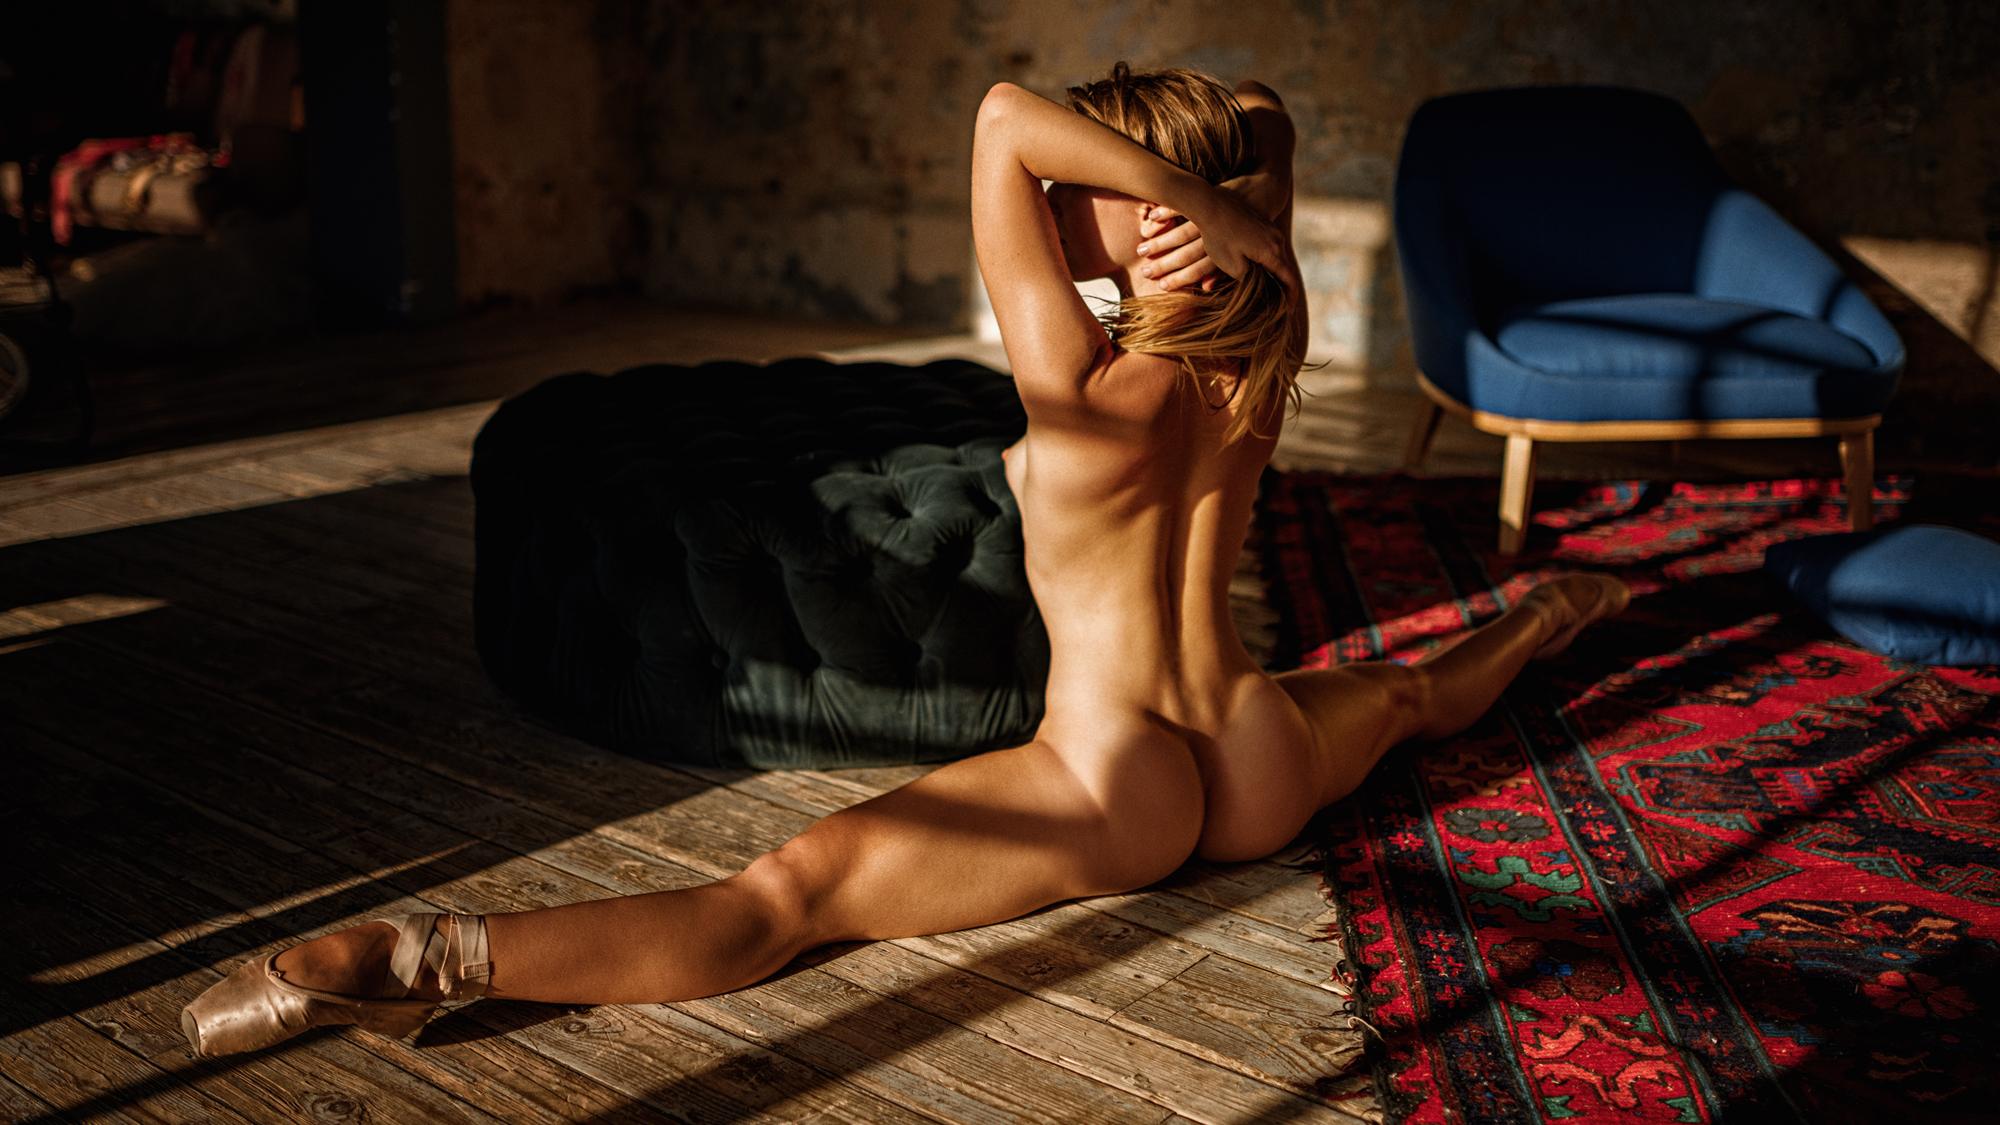 фотограф Георгий Чернядьев